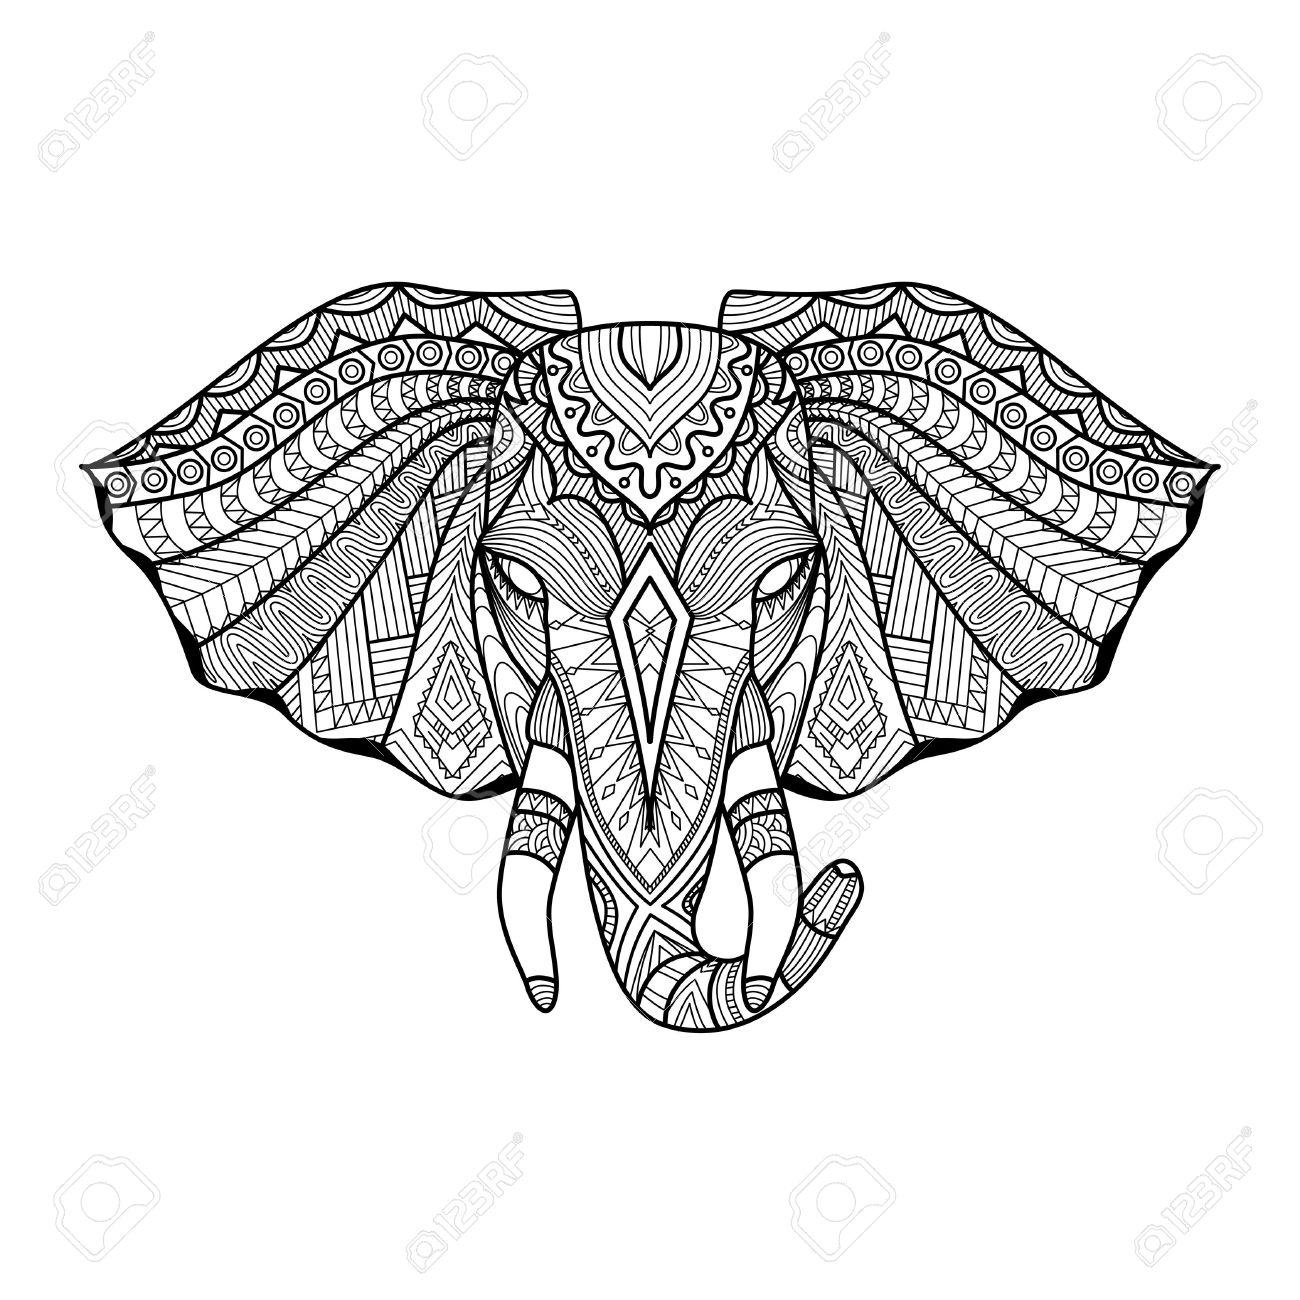 Zeichnung Einzigartigen Ethnischen Elefantenkopf Für Print, Muster ...